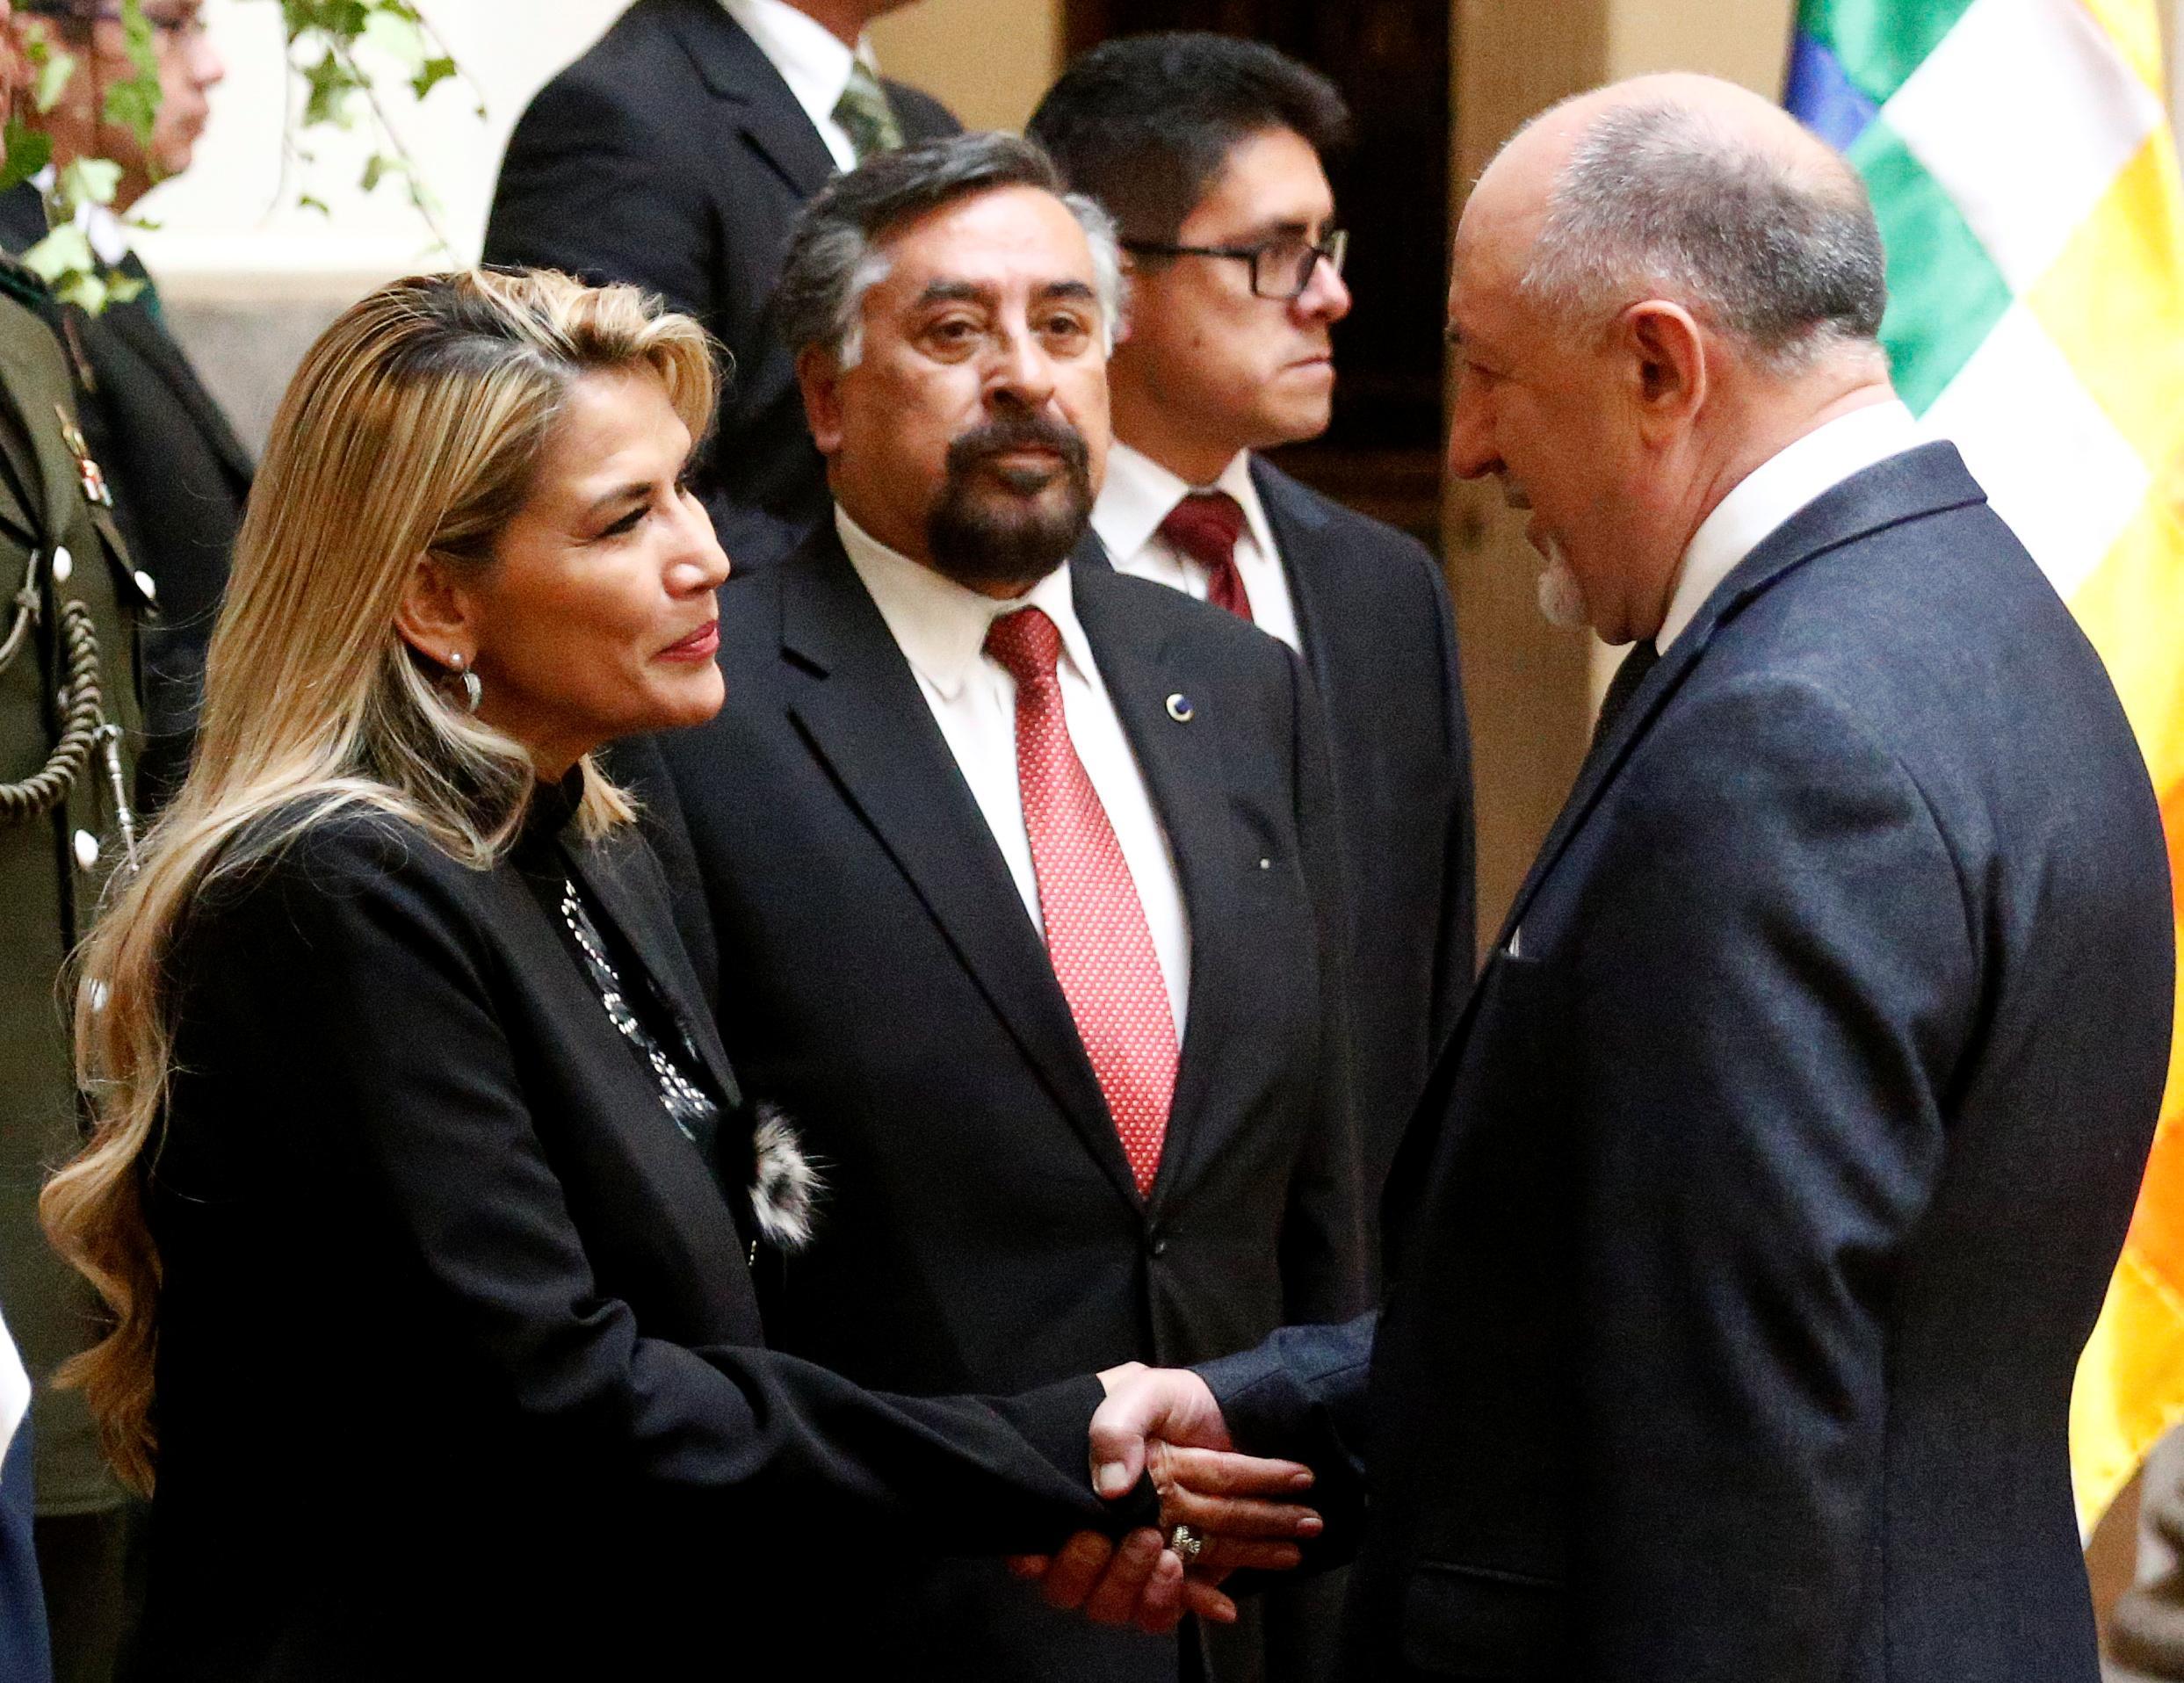 Les procureurs boliviens interrogent Morales sur des accusations qu'il a encouragées à provoquer des troubles